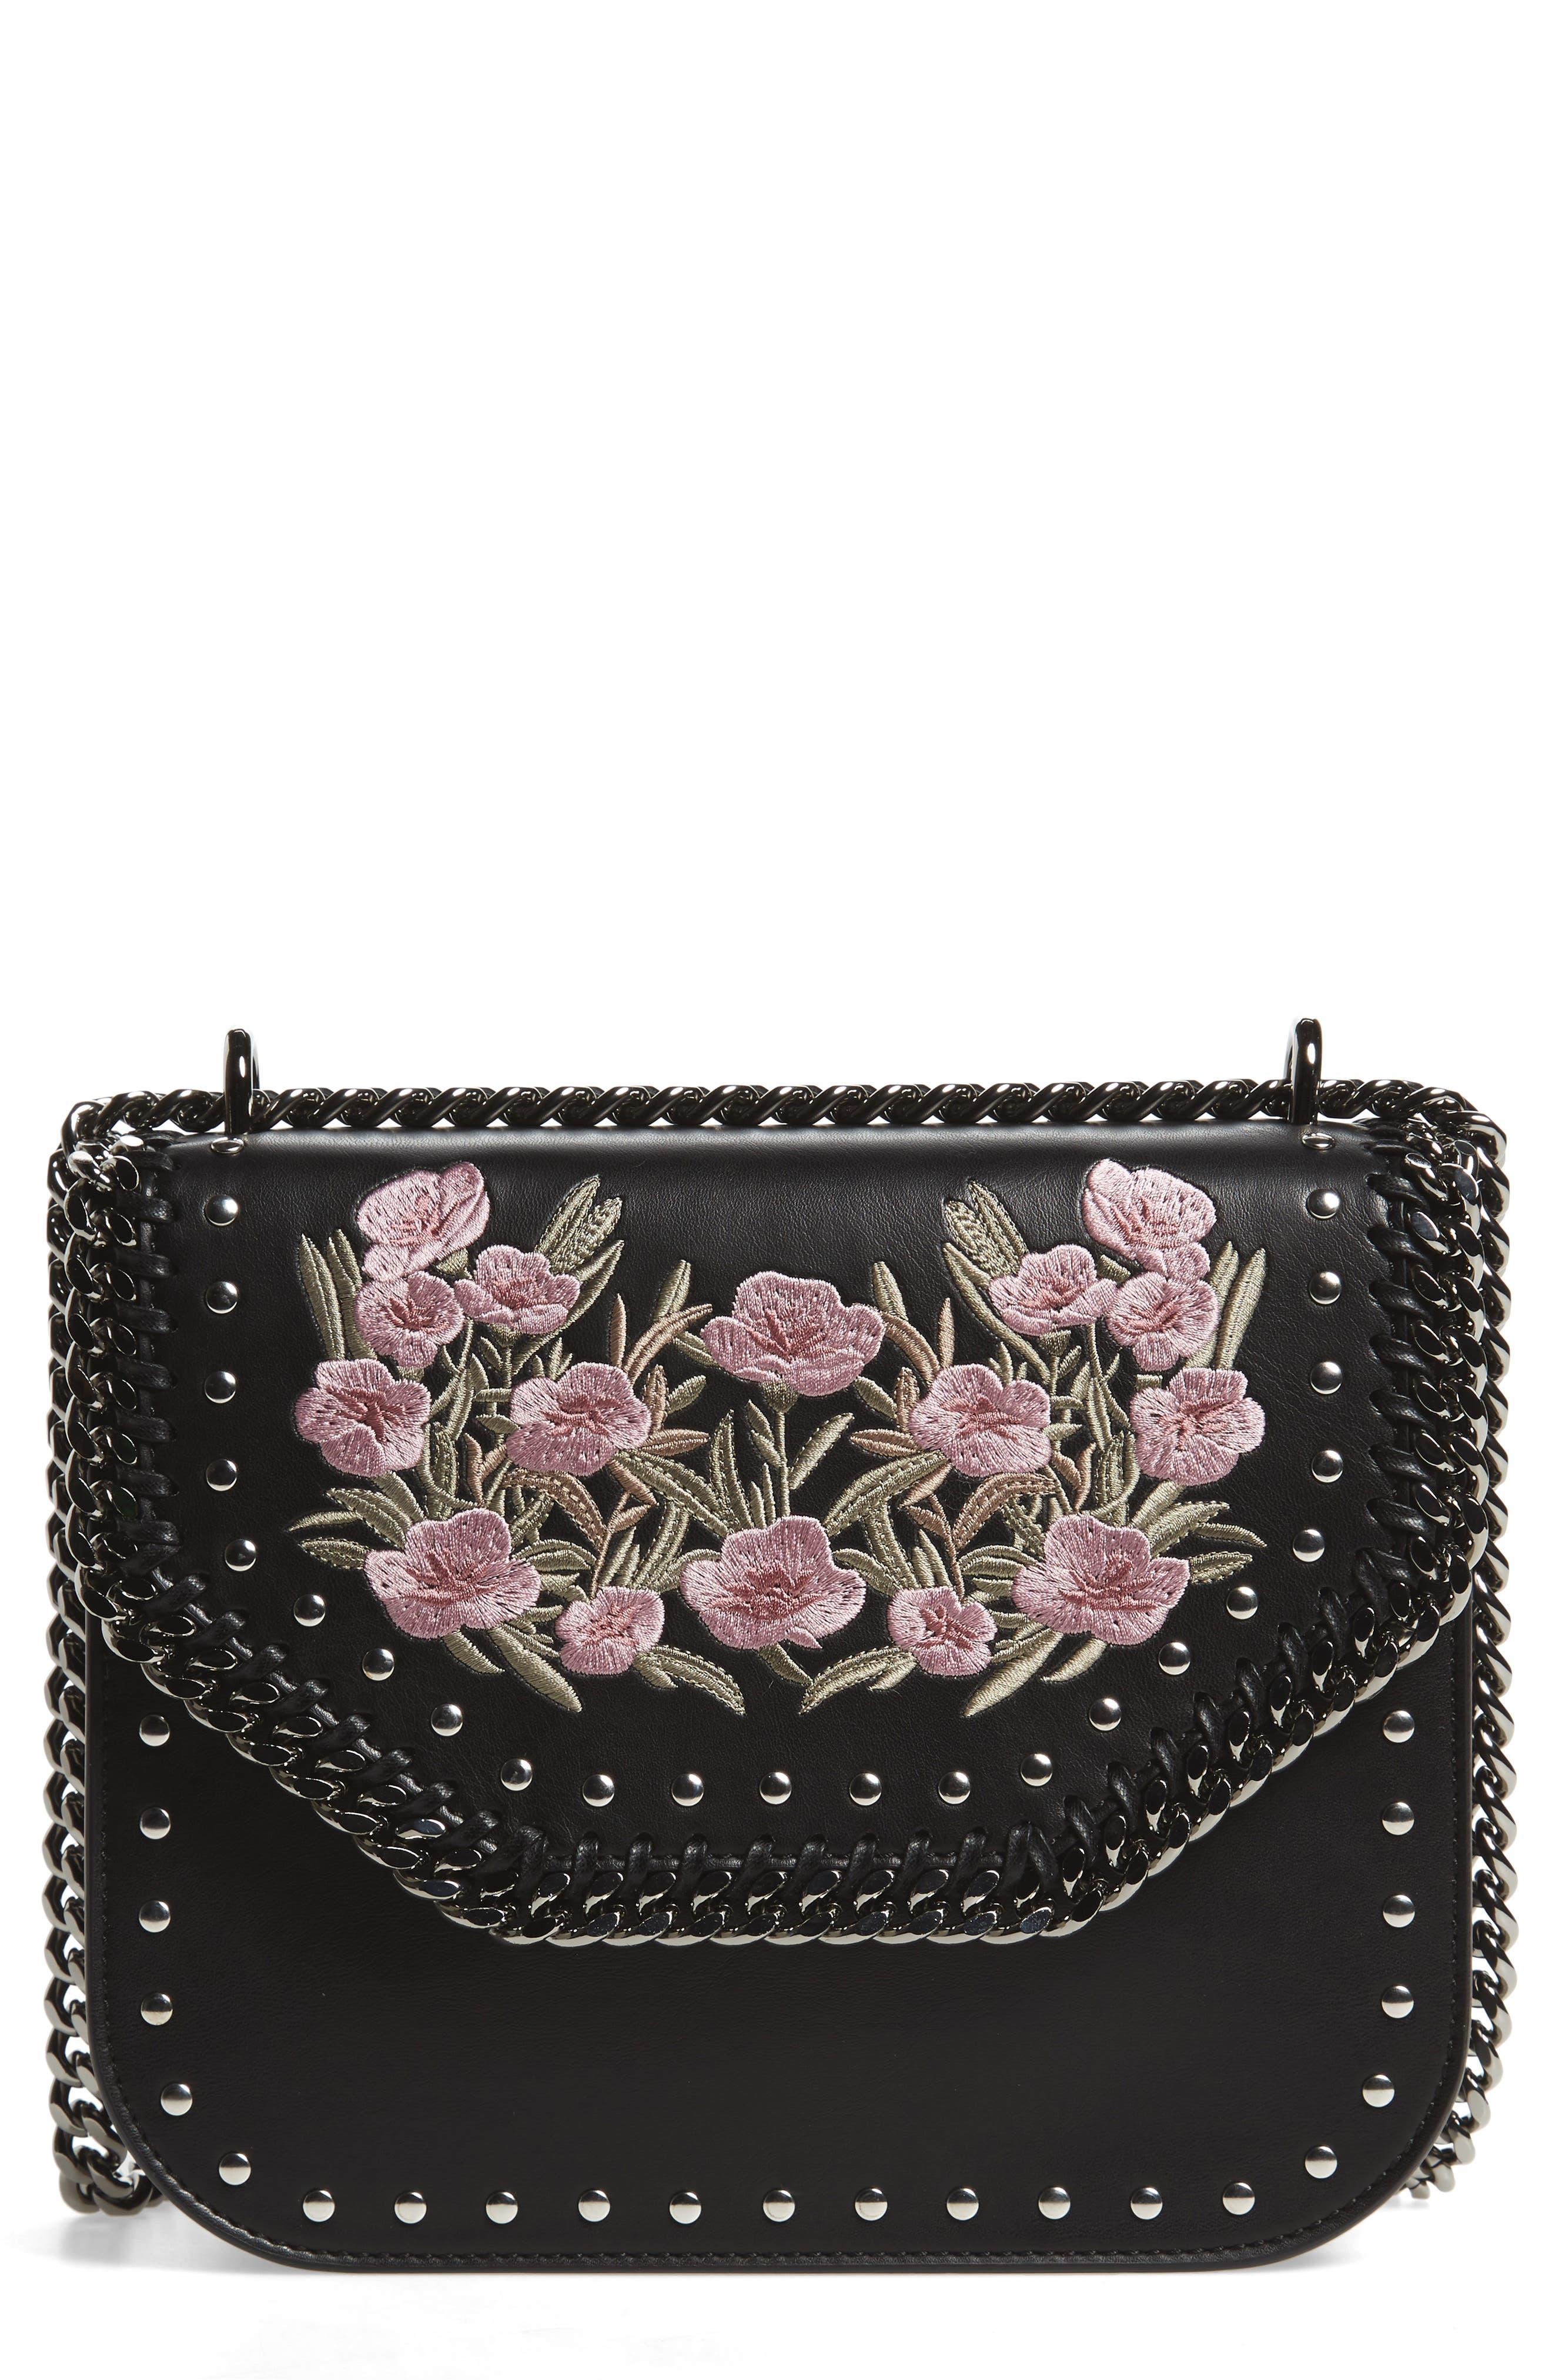 Medium Falabella Box Floral Shoulder Bag,                         Main,                         color, Black